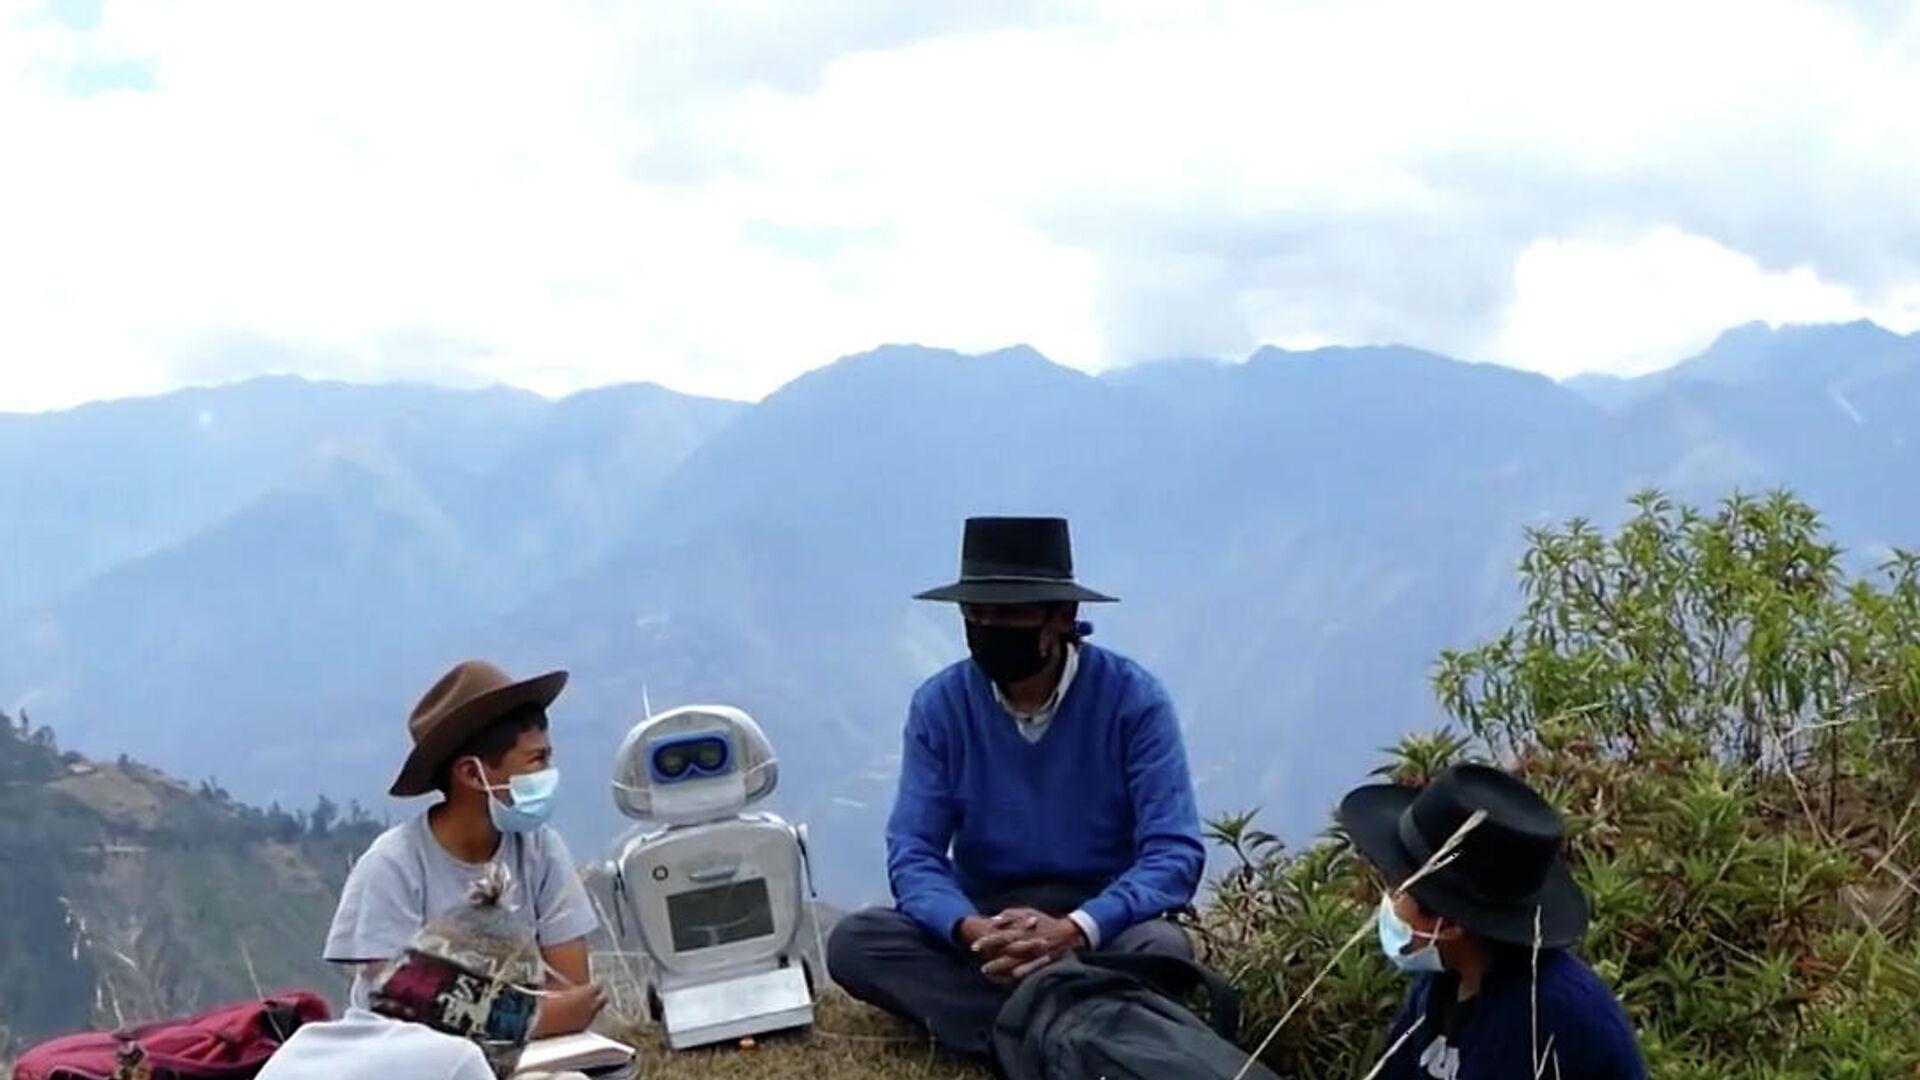 Δάσκαλος κατασκευάζει ρομπότ για να βοηθήσει μαθητές στις απομακρυσμένες βουνοκορφές των Άνδεων - Sputnik Ελλάδα, 1920, 24.09.2021